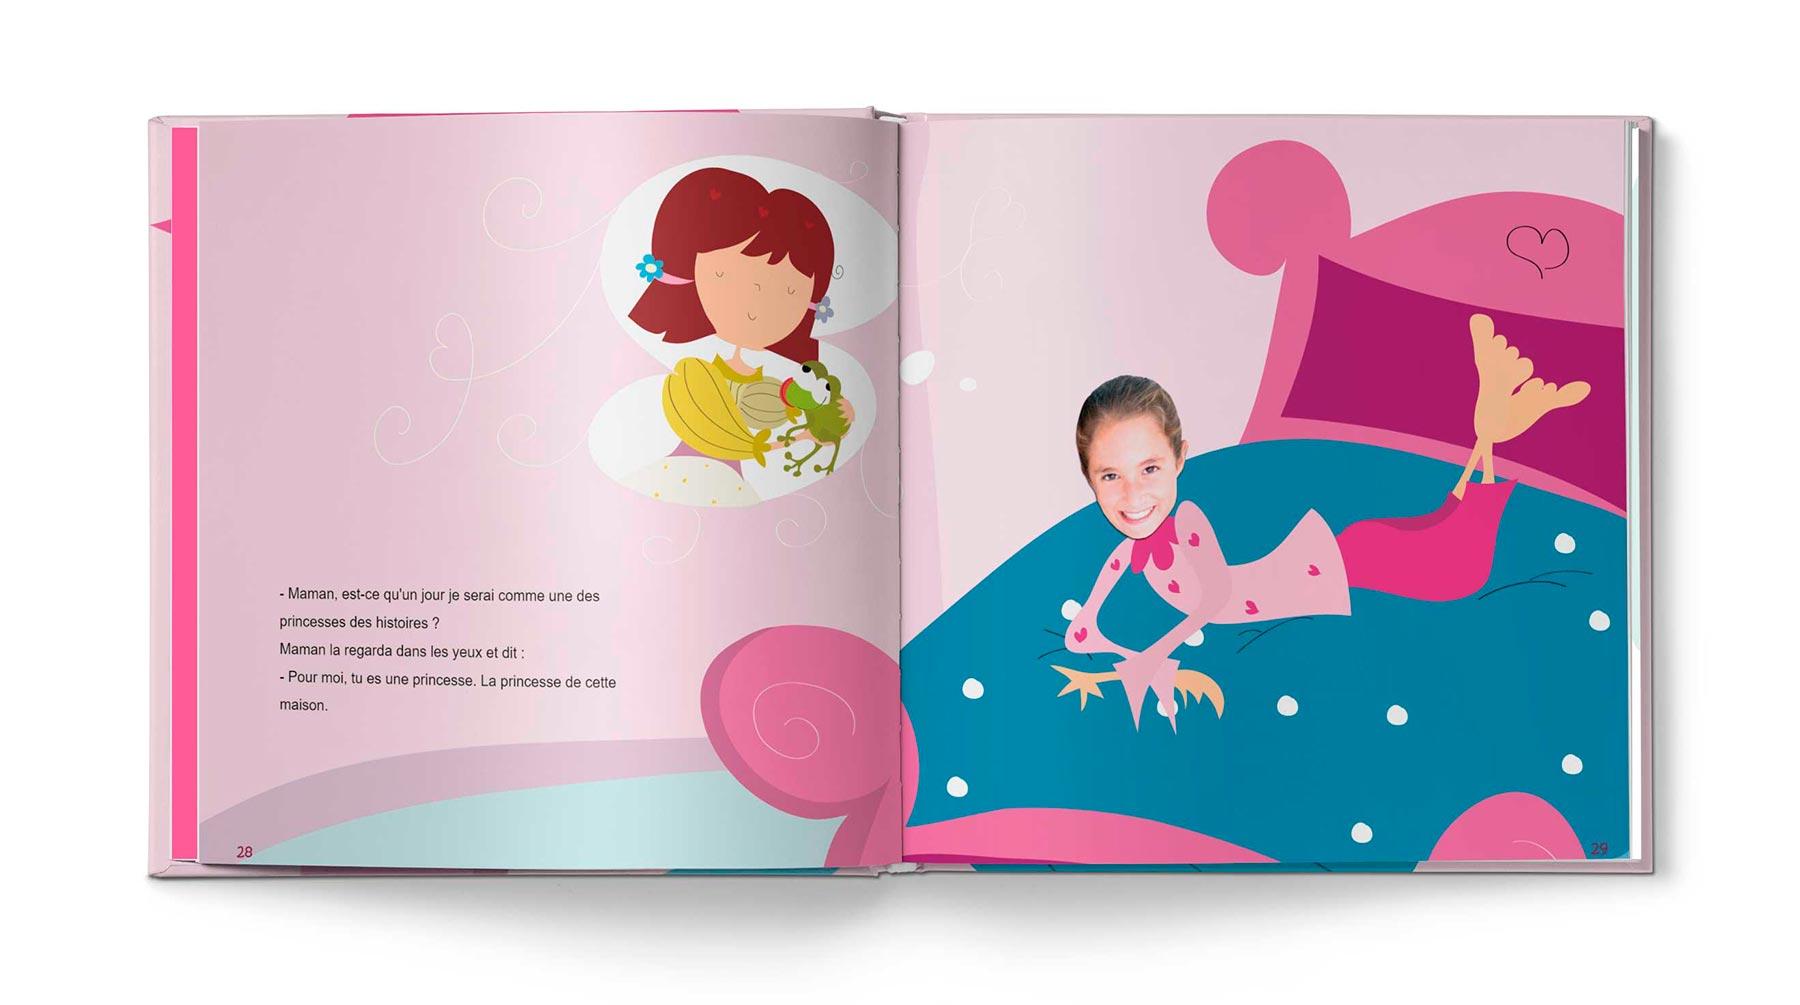 Histoire La princesse et le pansement - Image 14